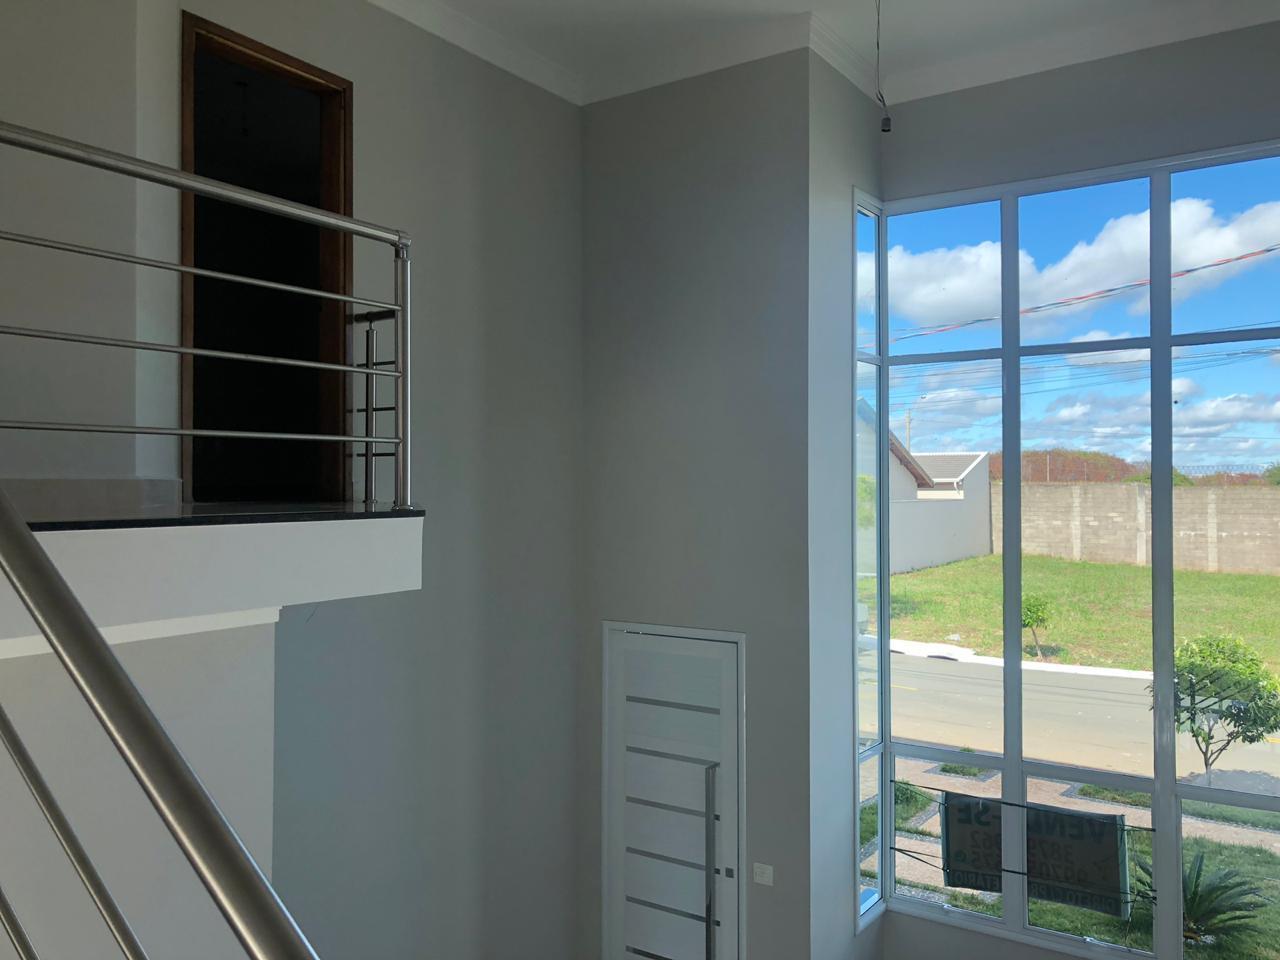 Sobrado com 3 dormitórios à venda, 165 m² por R$ 650.000 - Resindencial Golden Park - Hortolândia/SP